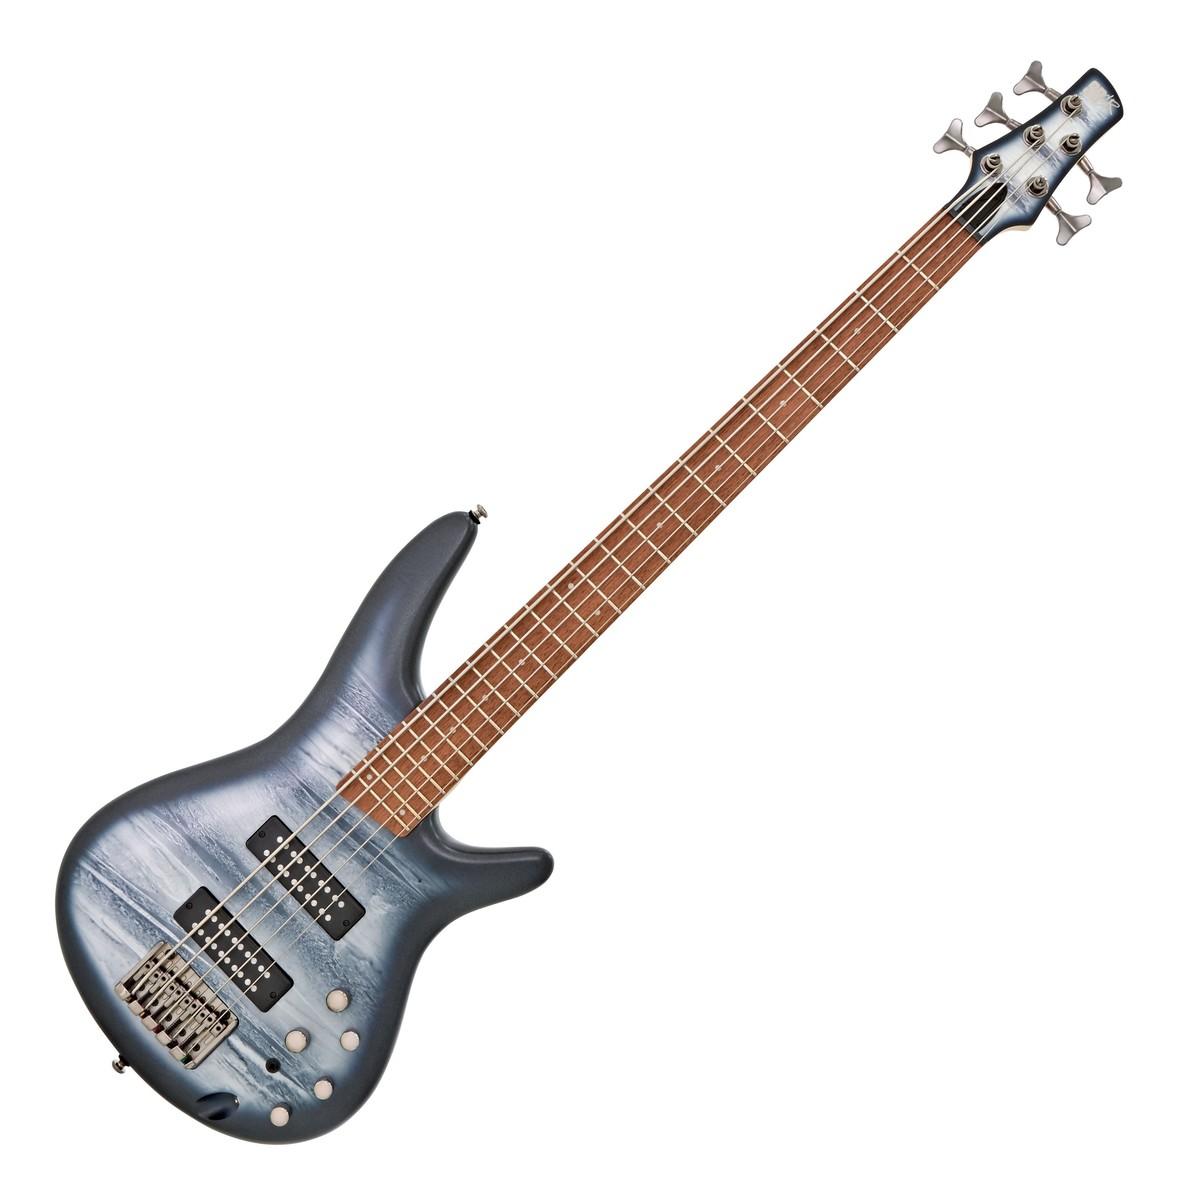 ibanez sr305e 5 string bass black planet matte at gear4music. Black Bedroom Furniture Sets. Home Design Ideas